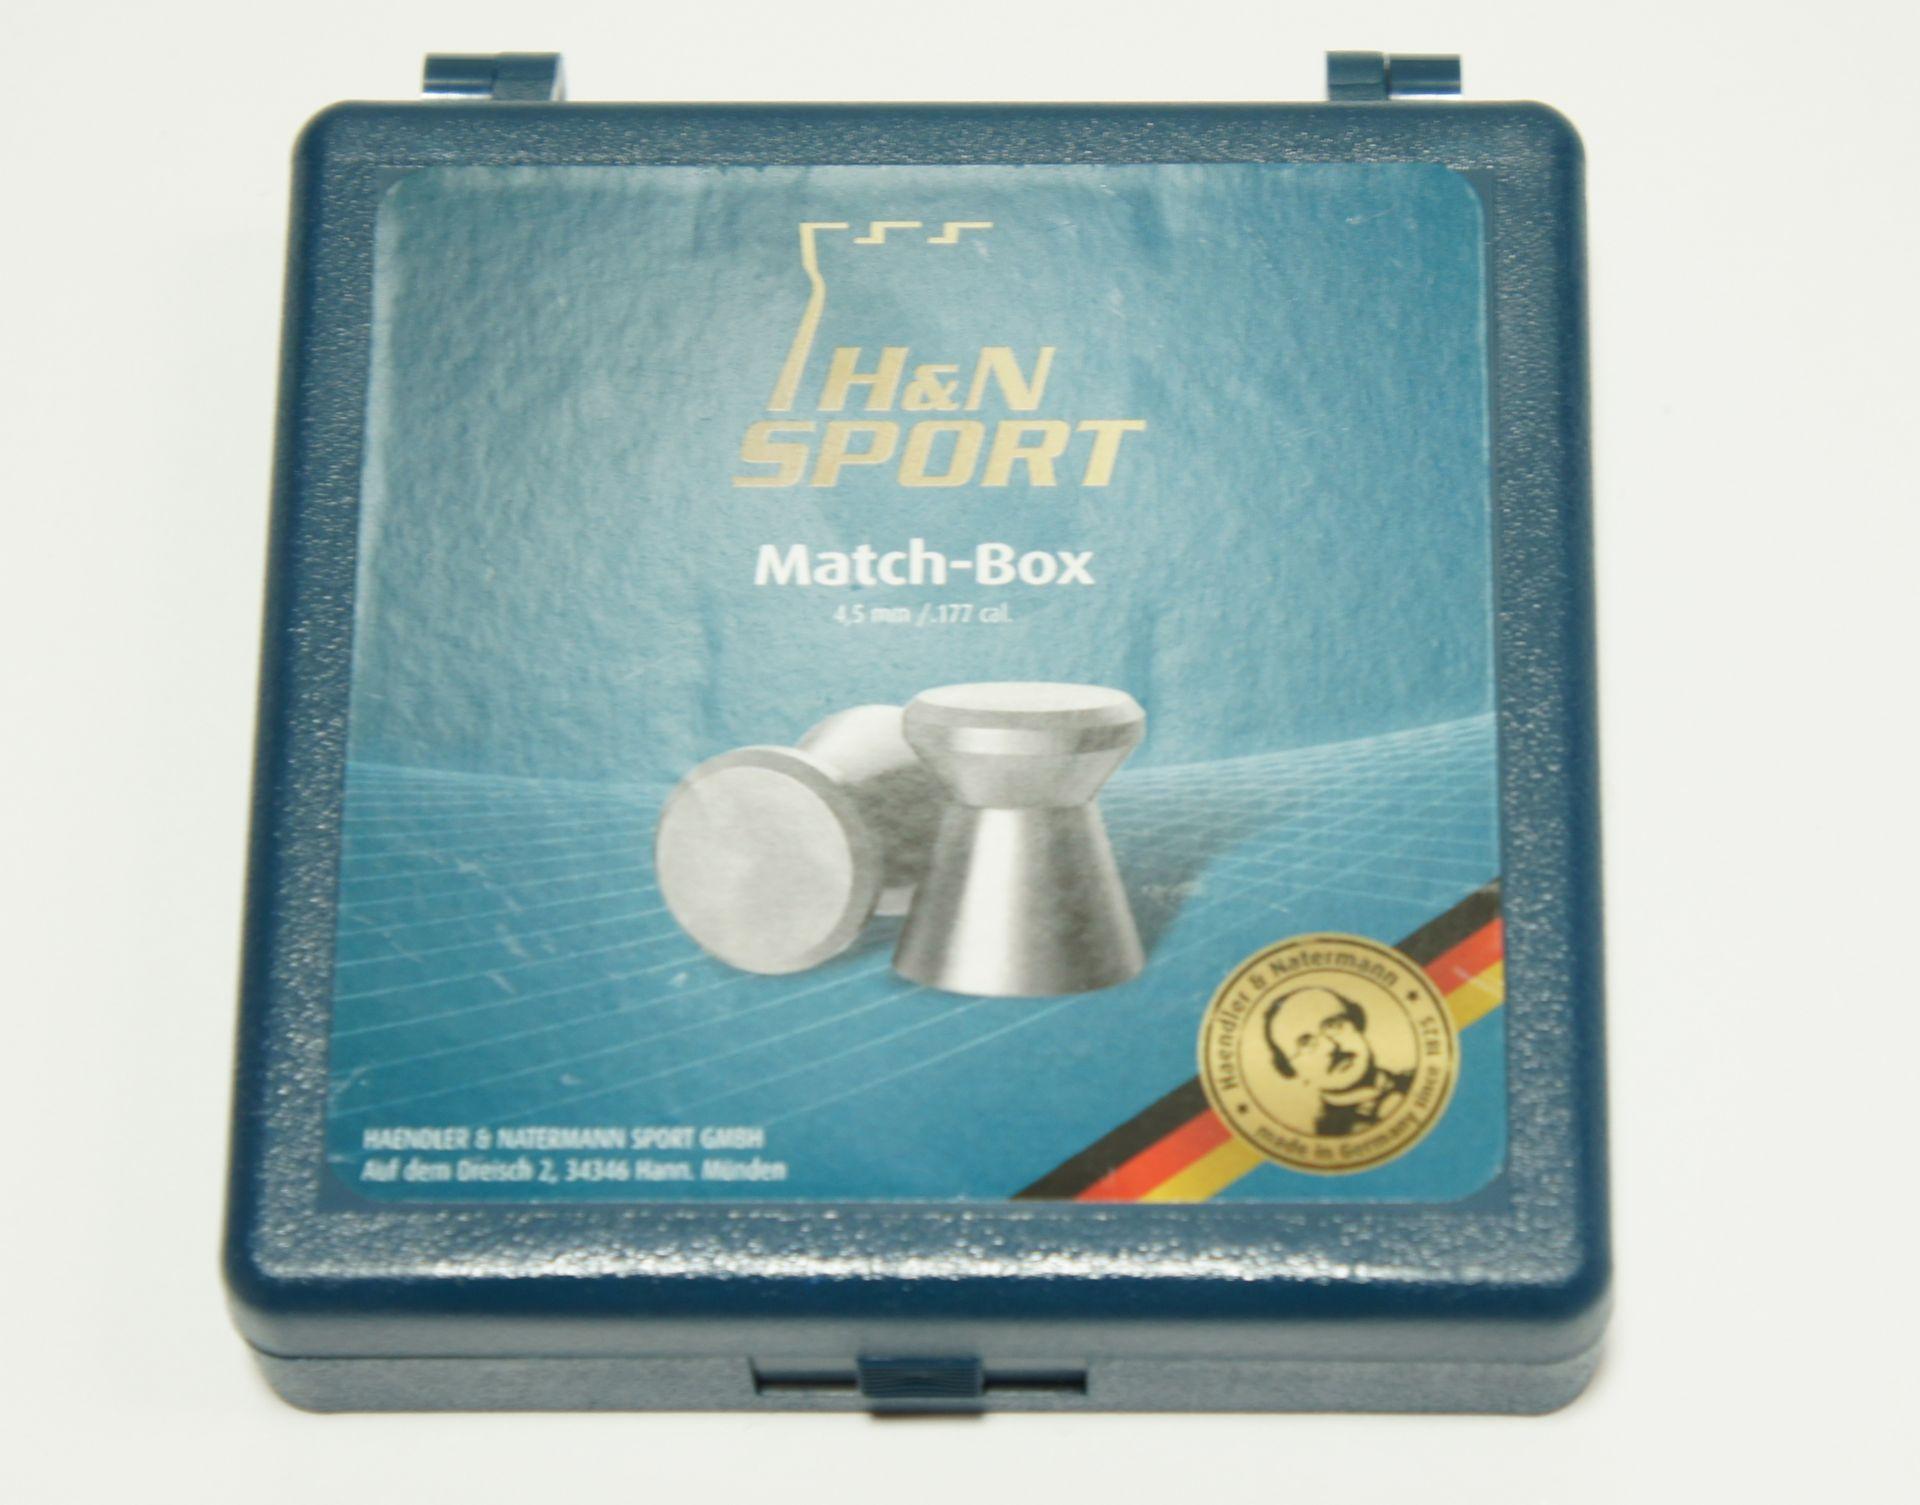 Match-Box 100